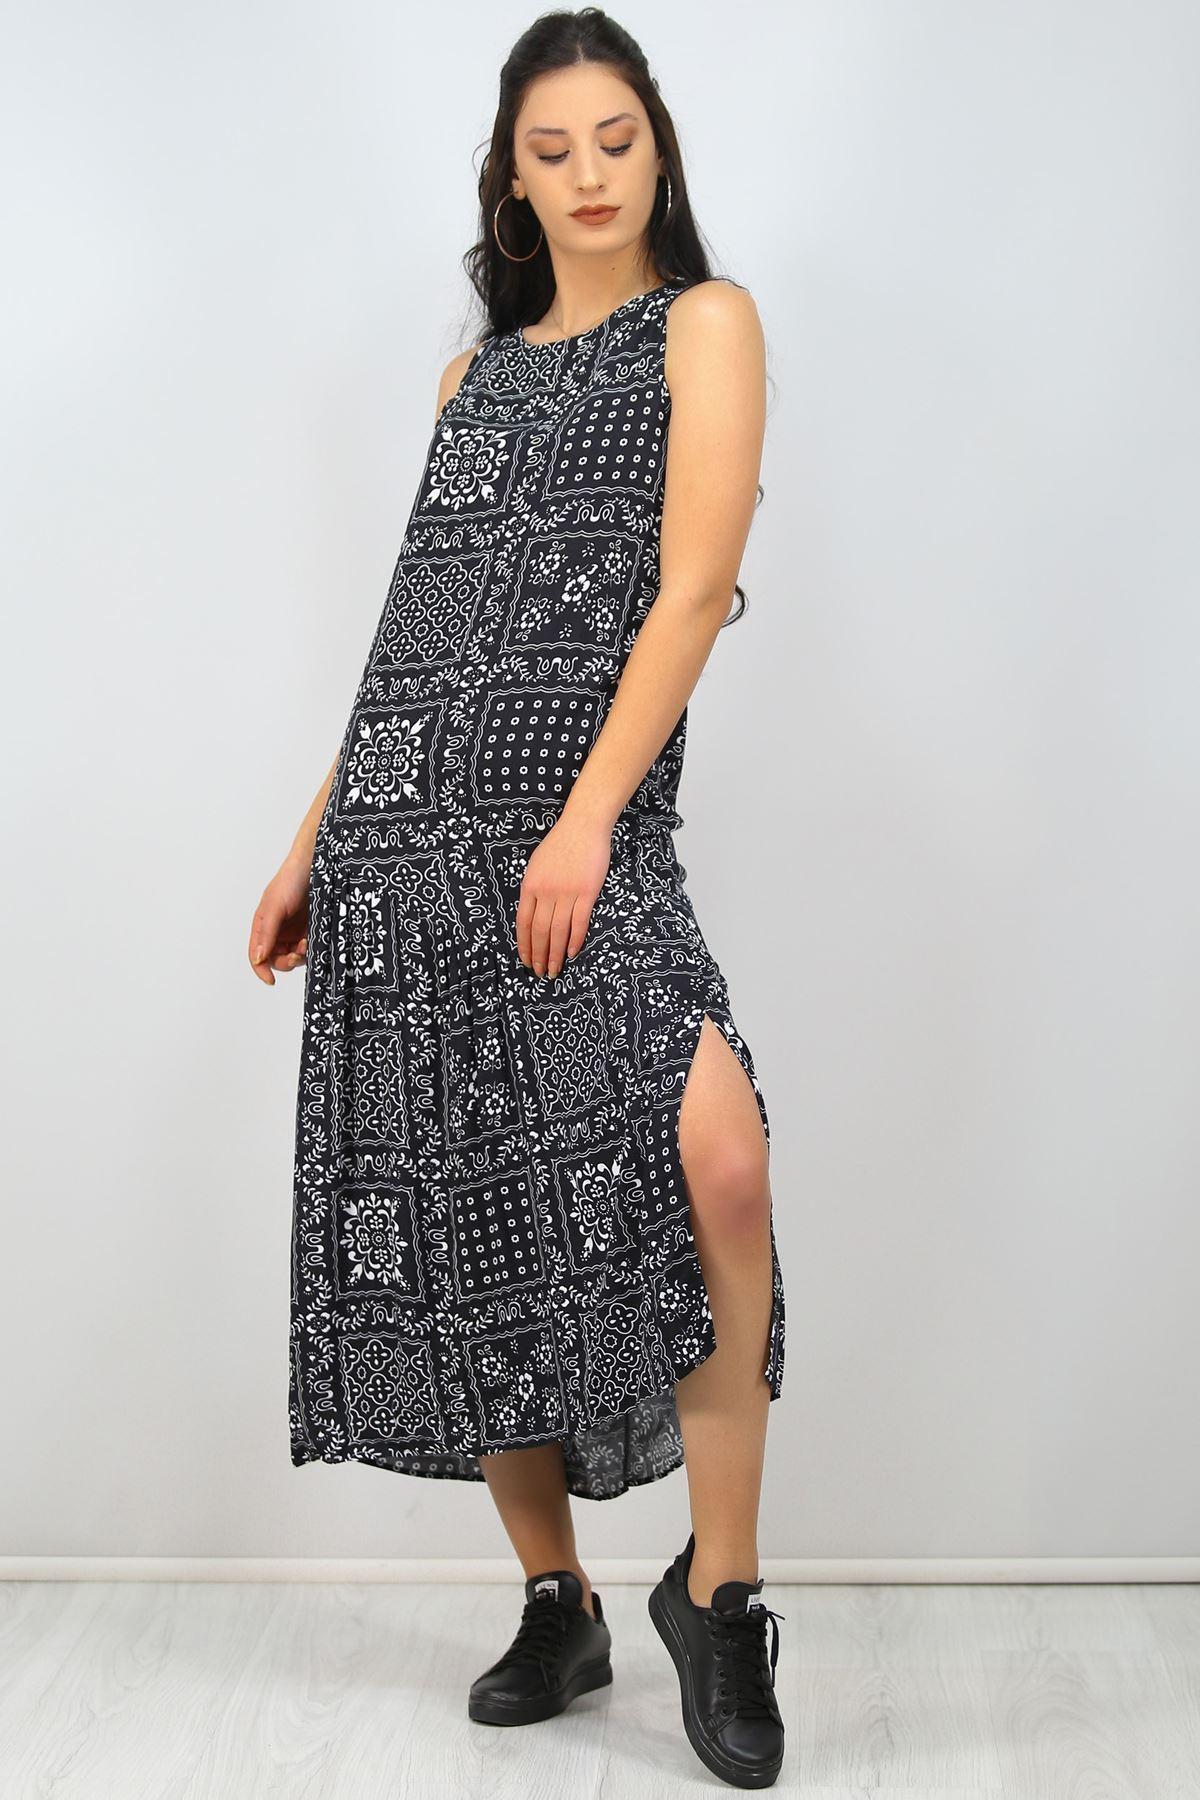 Asimetrik Volanlı Elbise Siyahbeyaz - 2521.994.